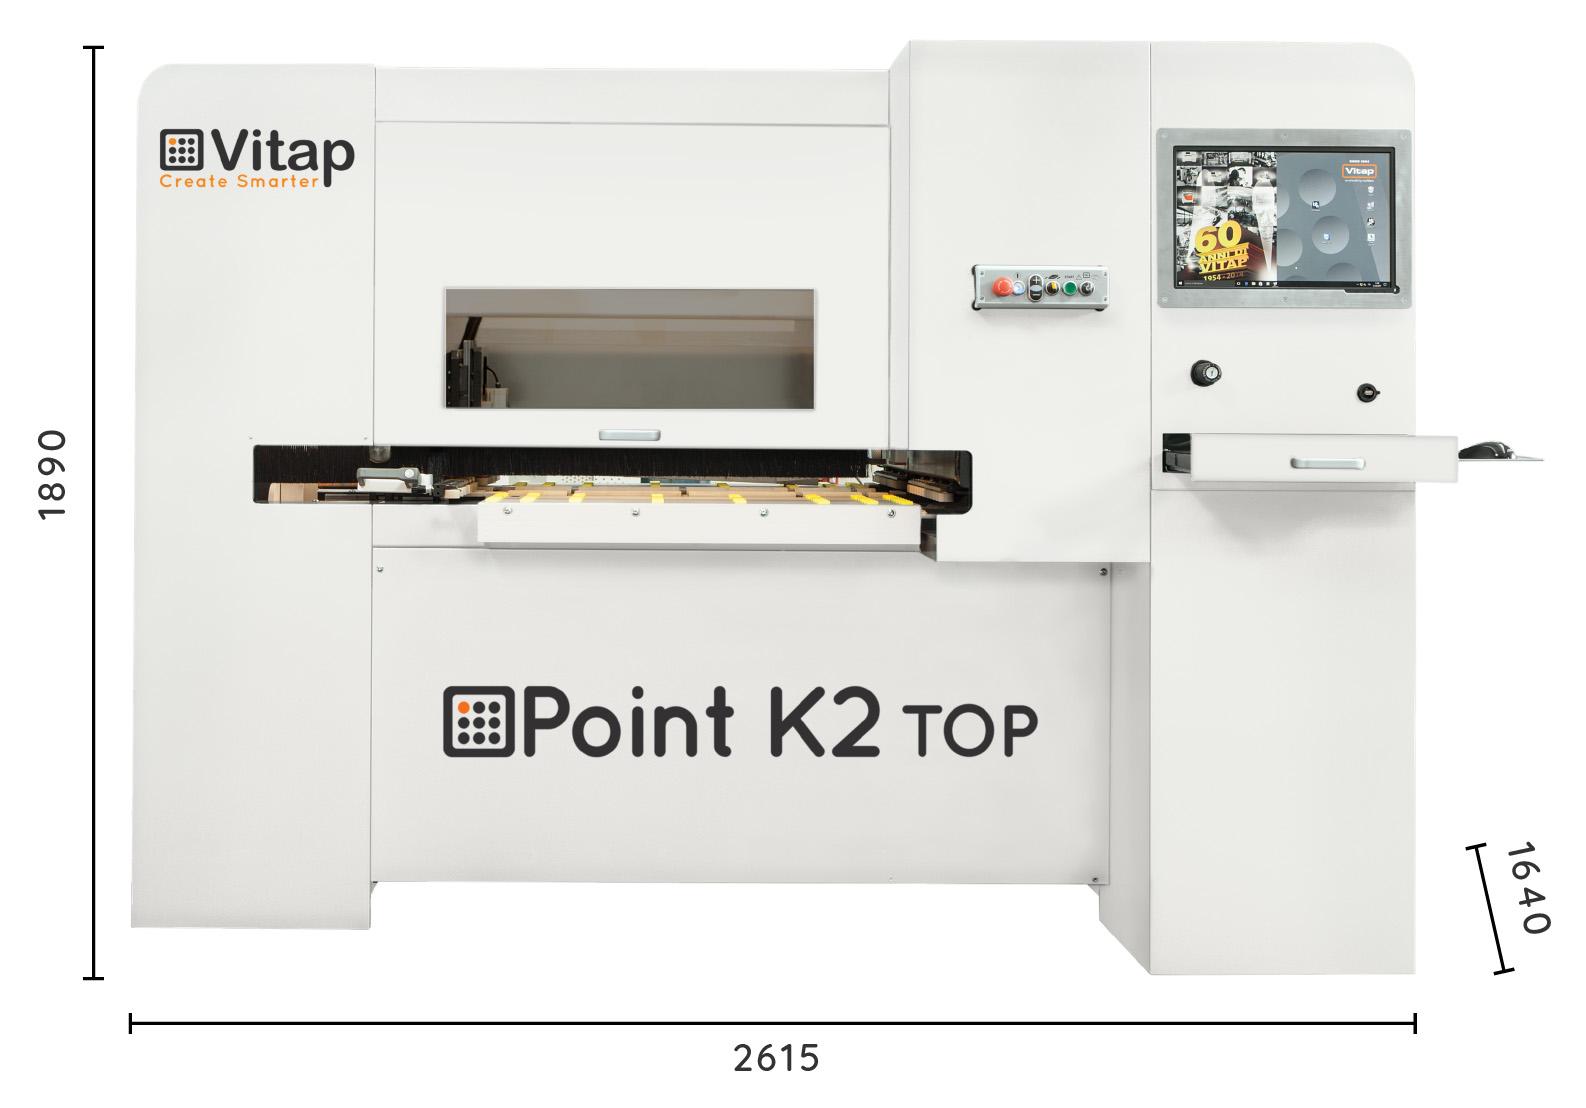 A képen a termék, egy VITAP Point K2 Top látható.